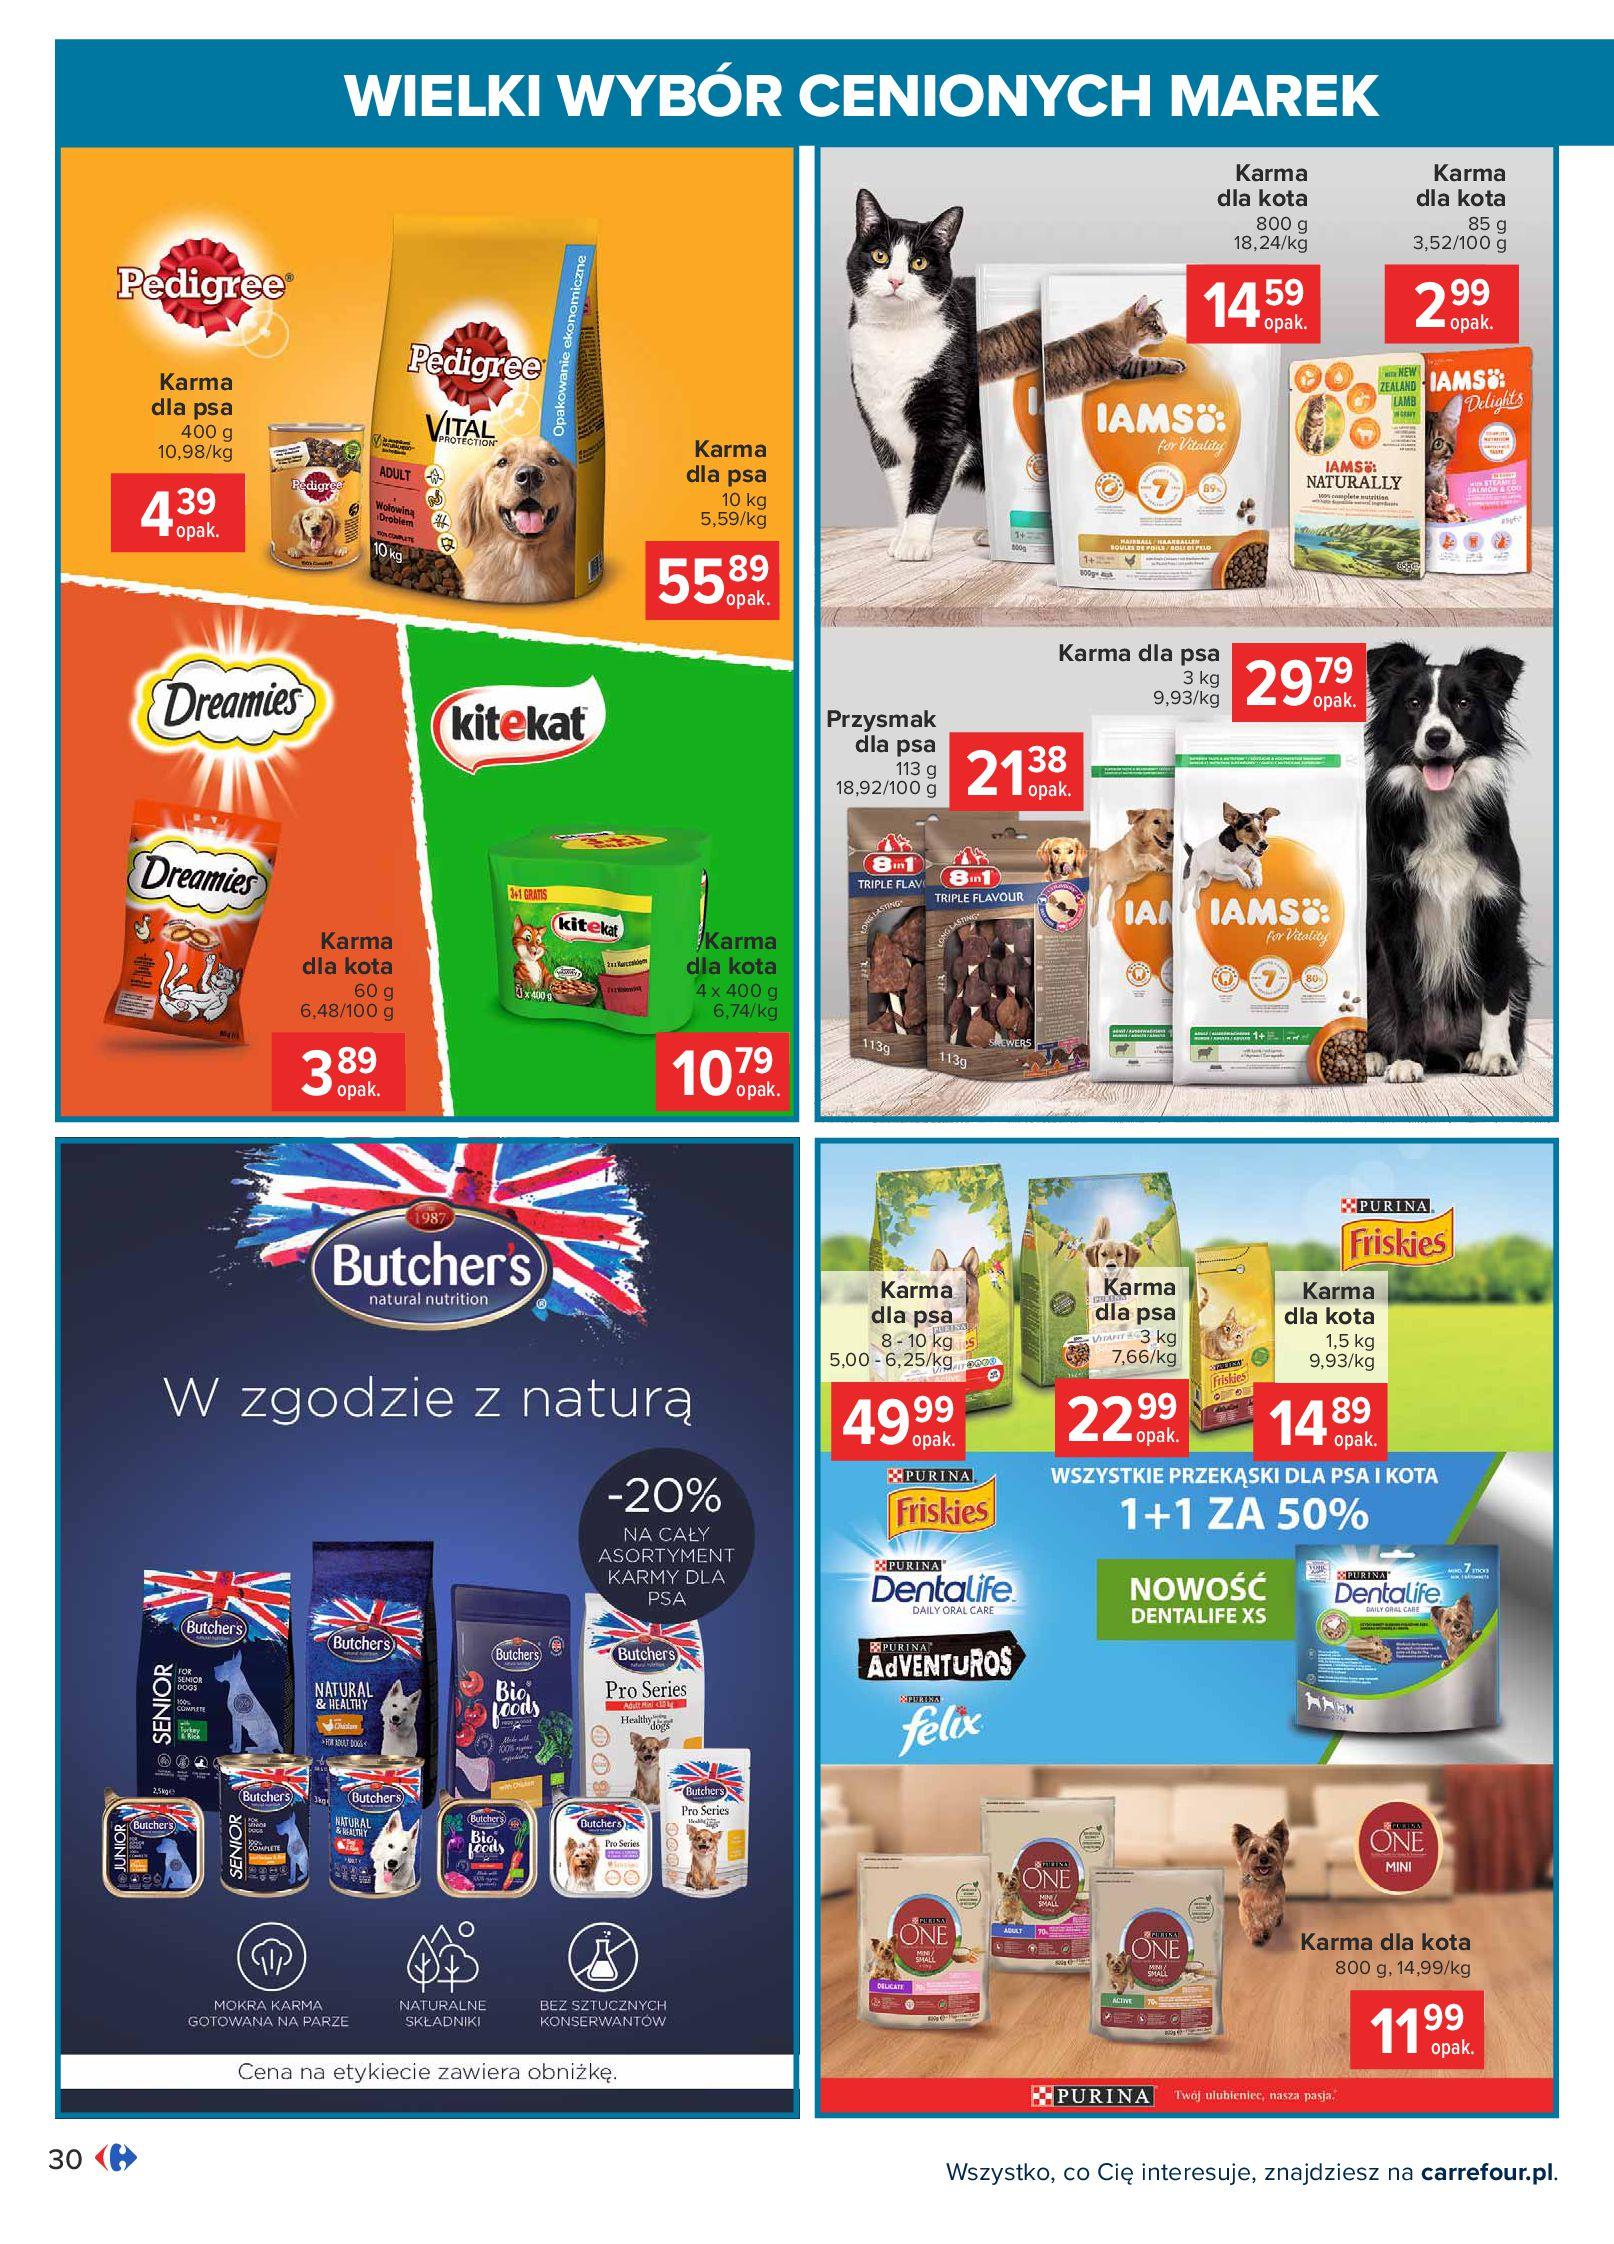 Gazetka Carrefour: Wielki wybór cenionych marek 2021-05-04 page-30